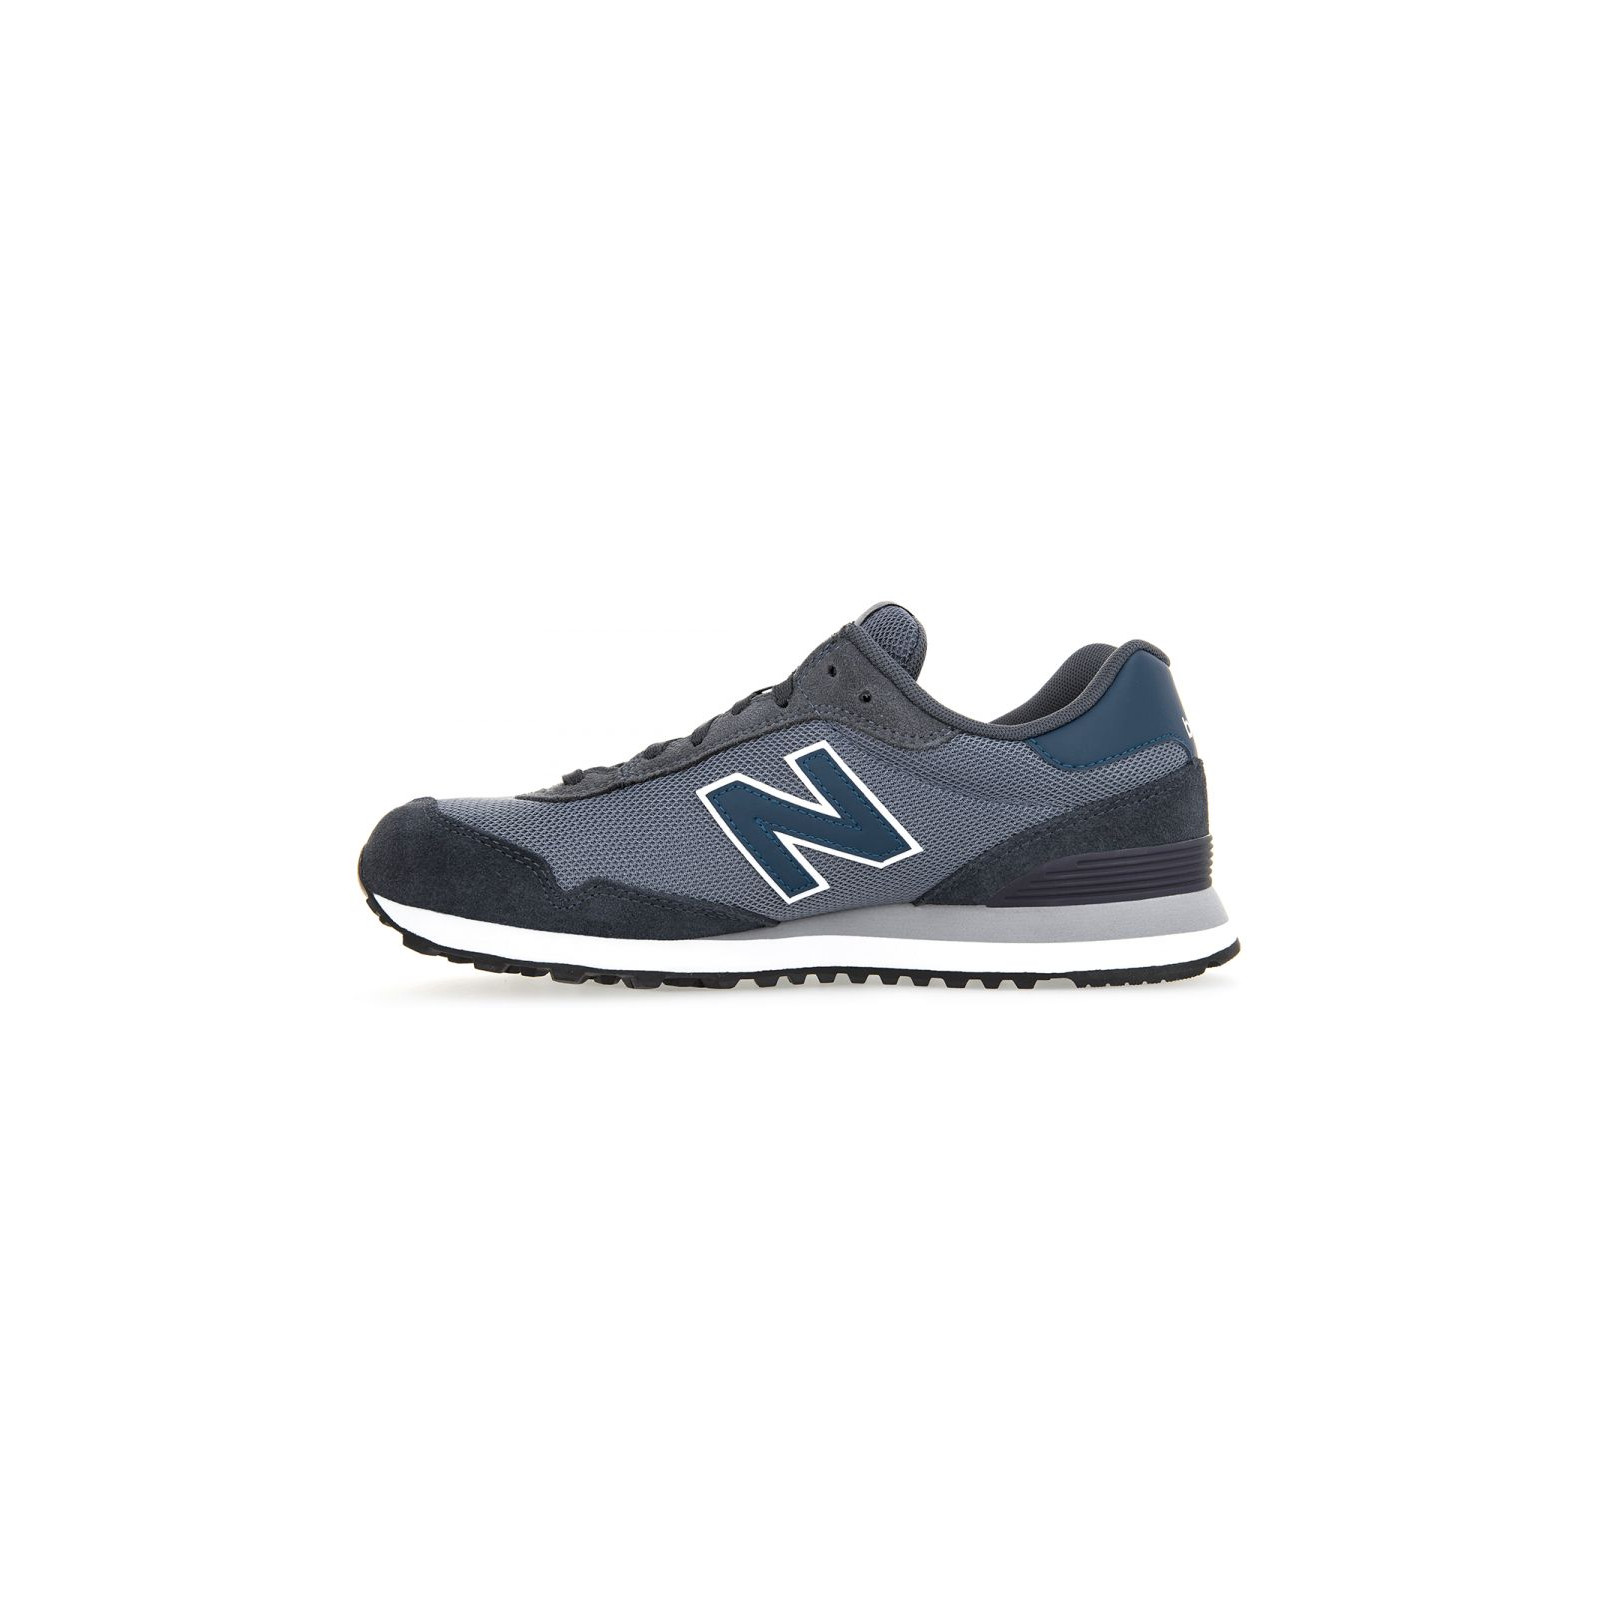 New Balance buty męskie ML515TPG